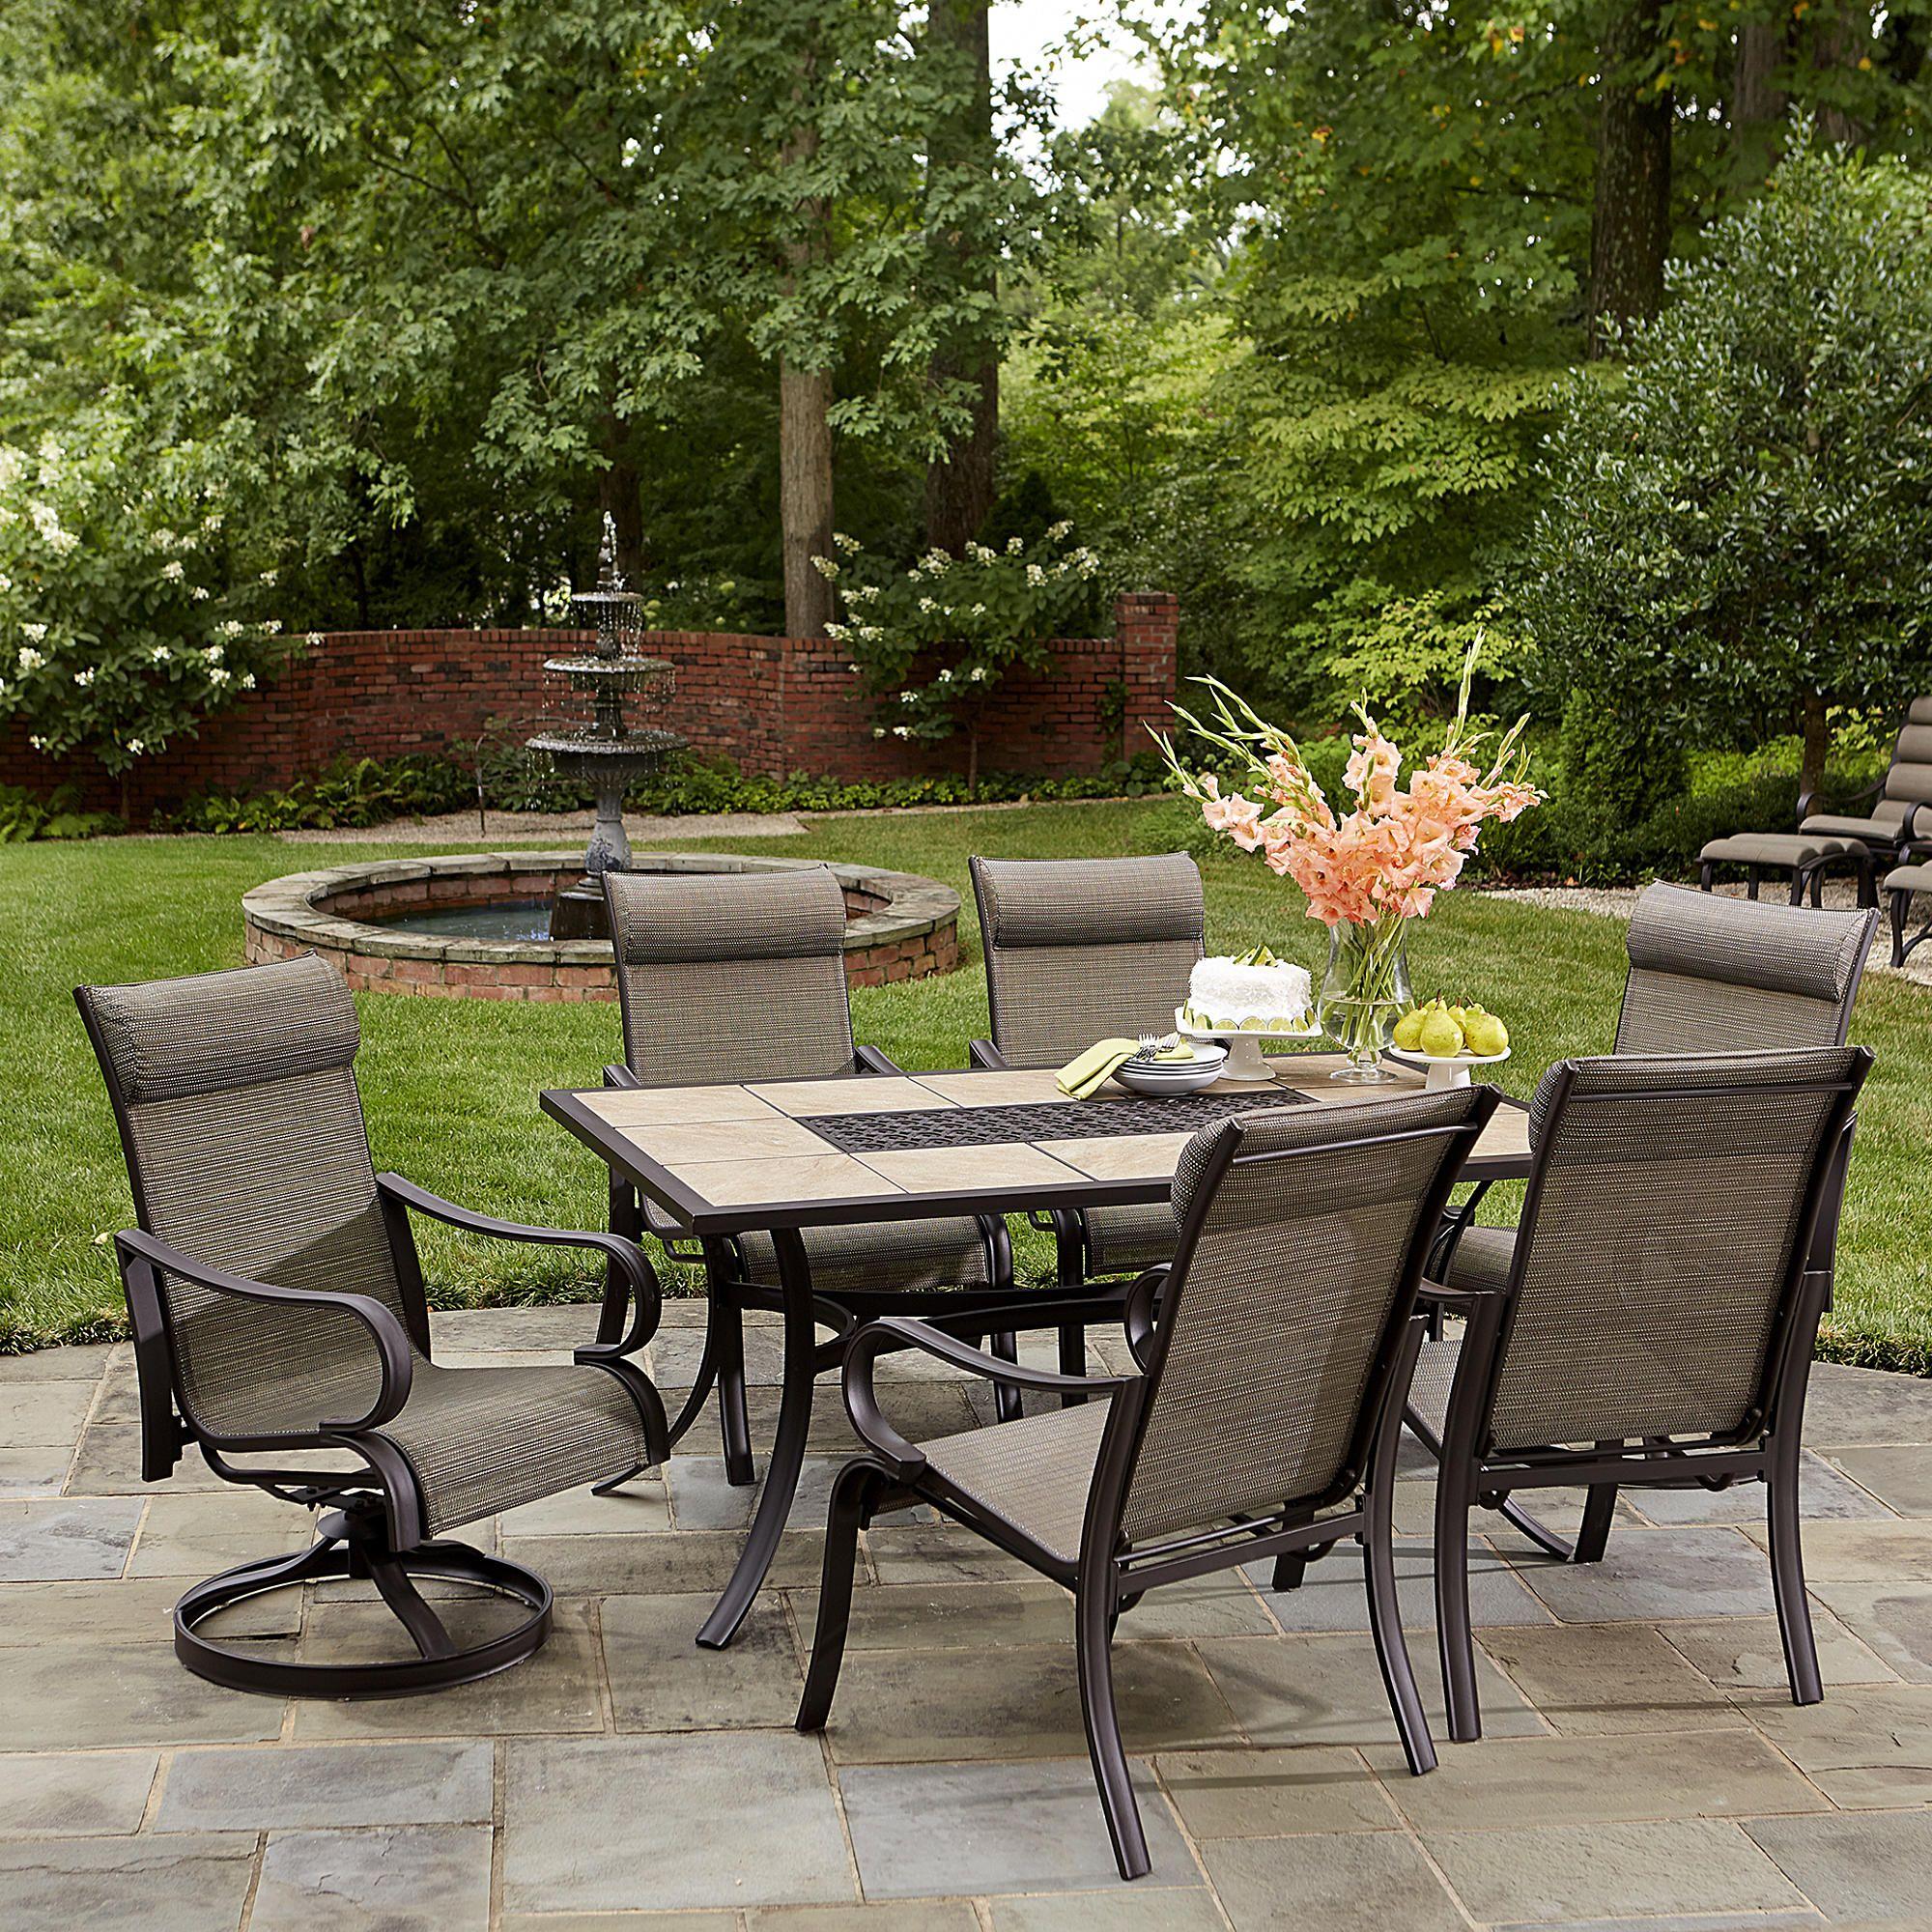 kmart com patio patio set with